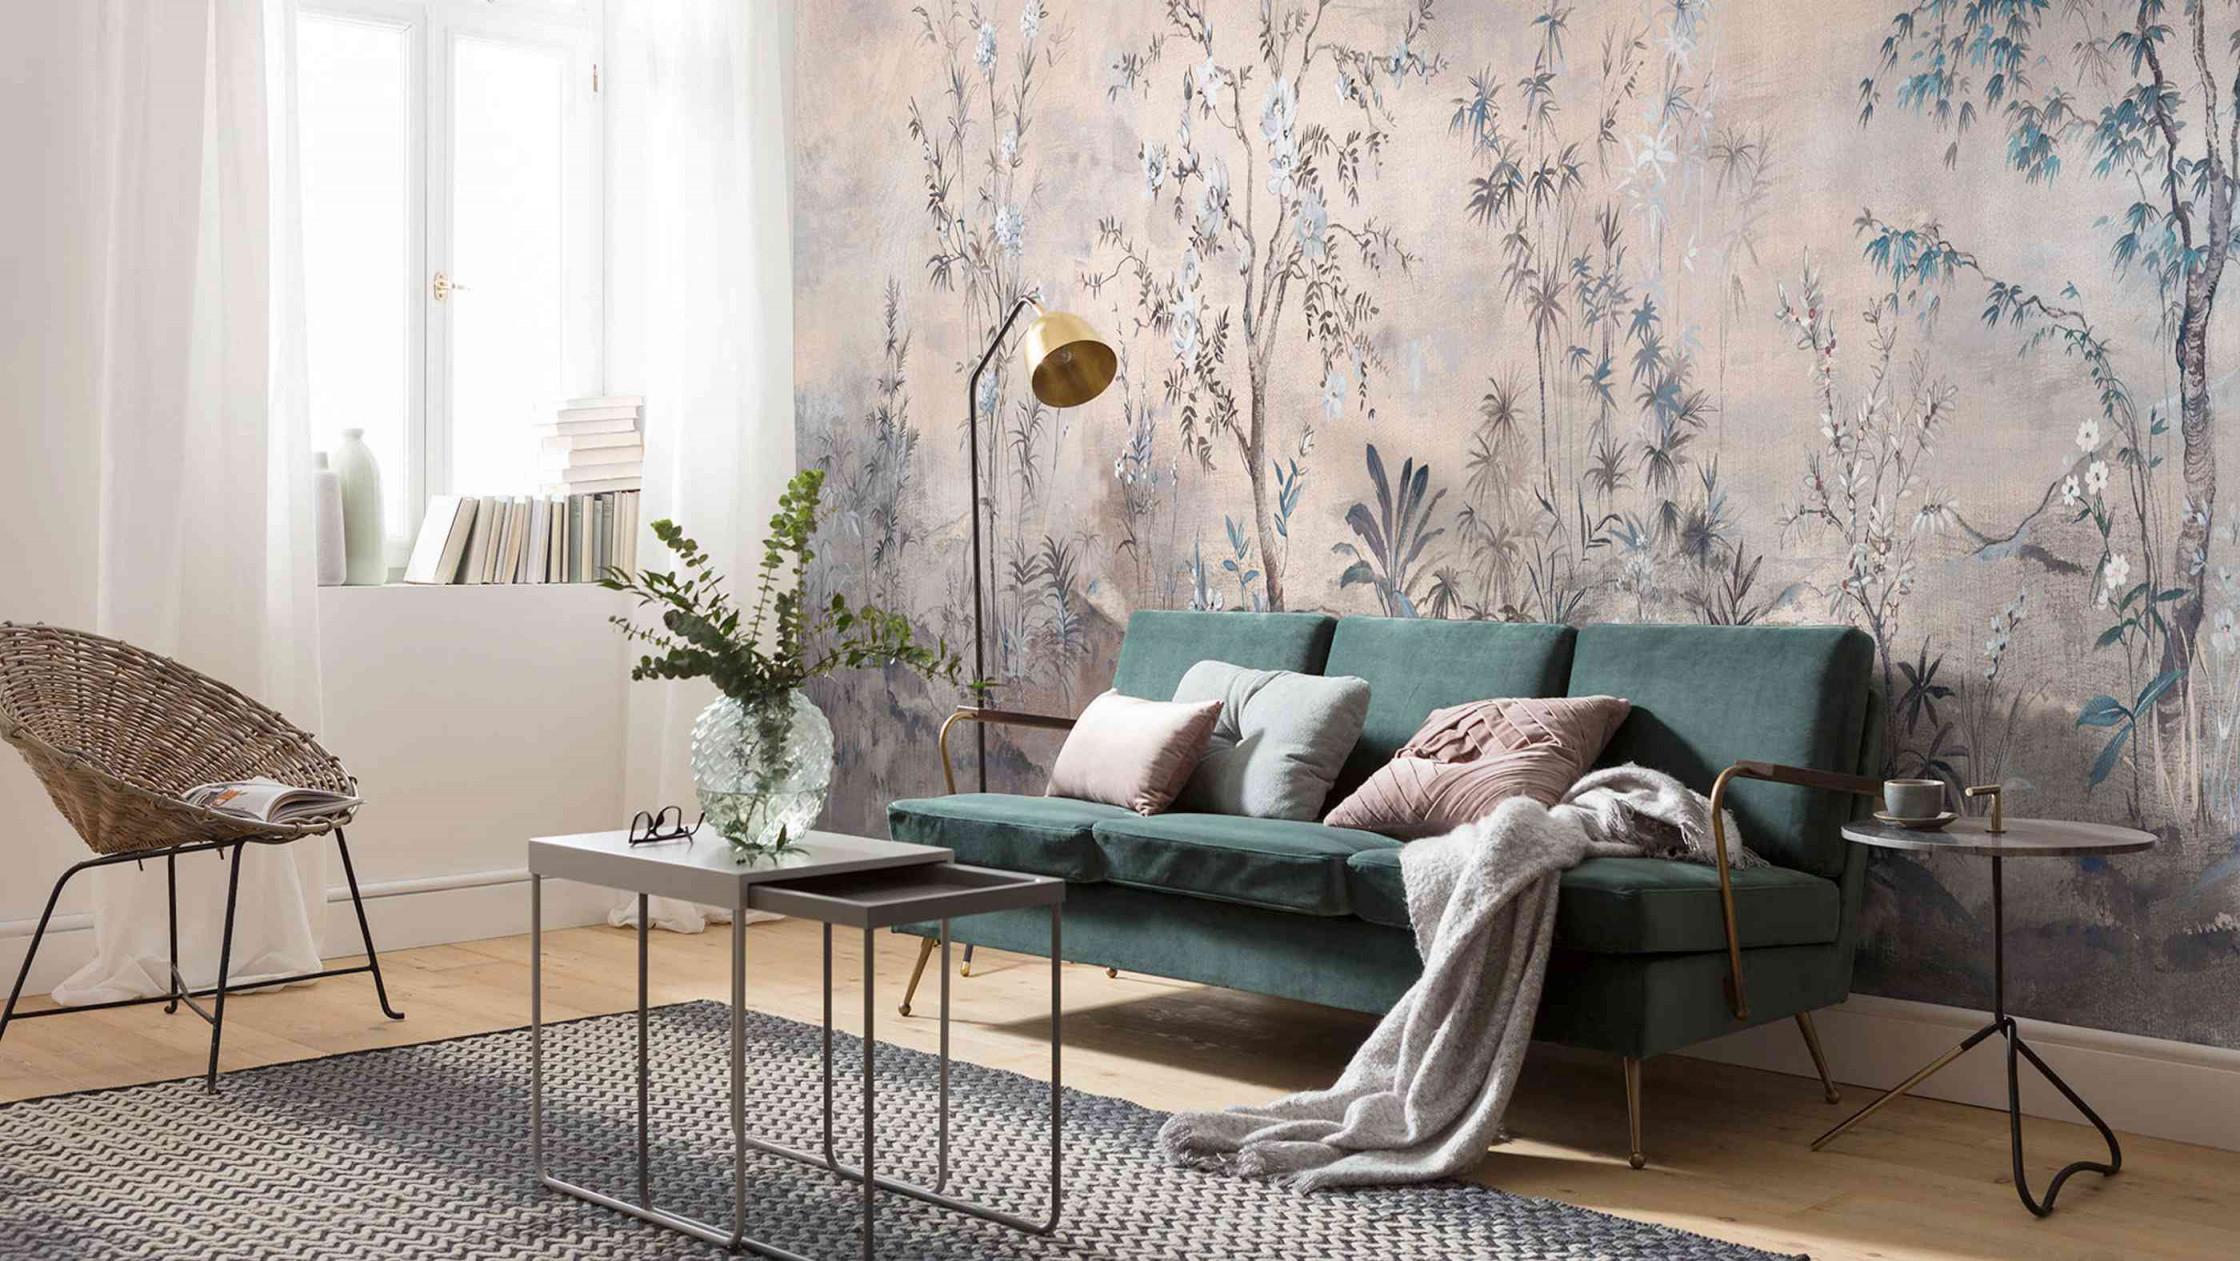 Tapetentrends 2020 So Sehen Die Tapeten Der Zukunft Aus von Tapeten Farben Wohnzimmer Photo